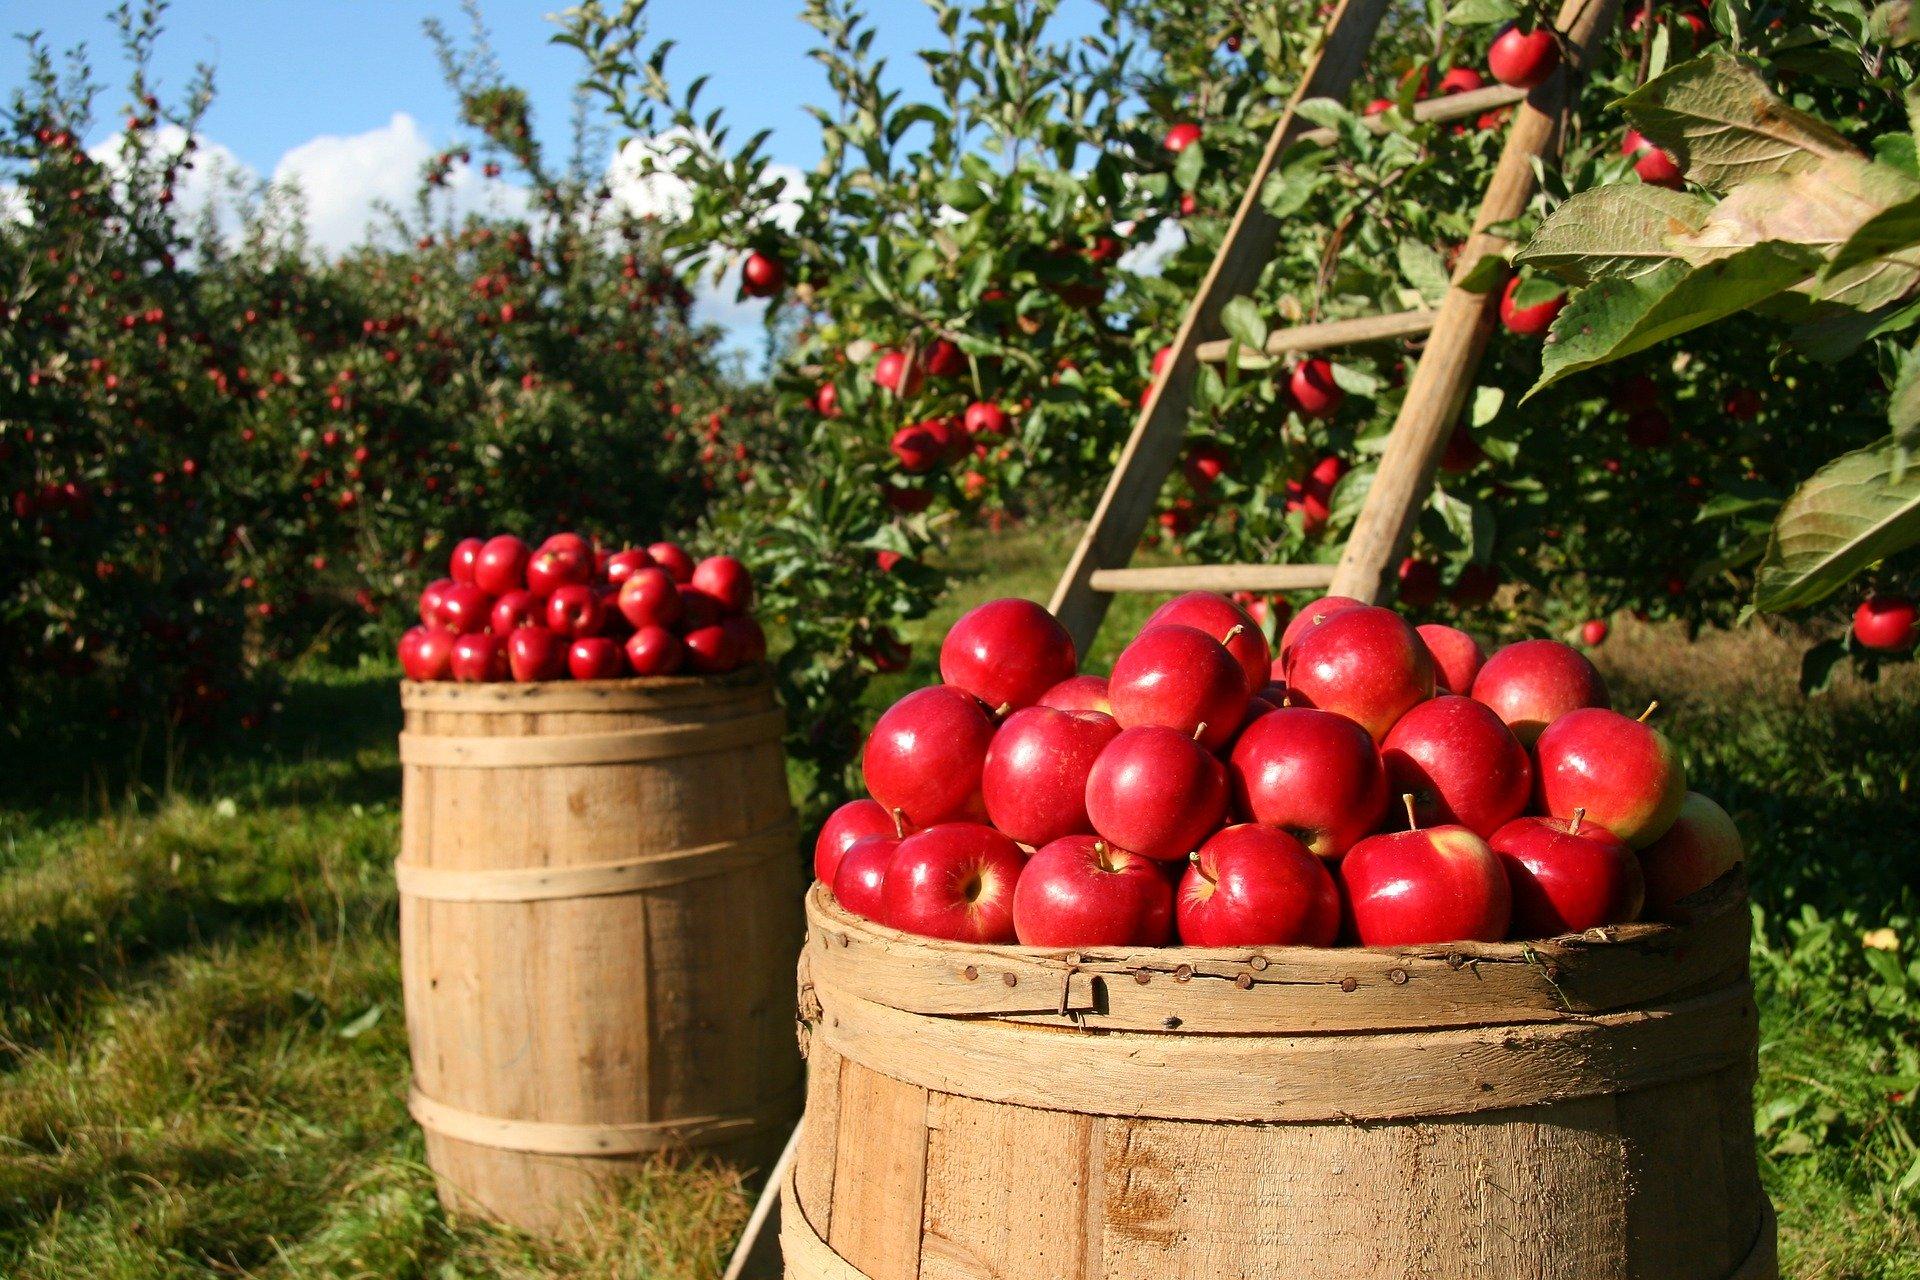 Gyümölcstermesztő termelői csoportok támogatási programja - 9.1a alintézkedés